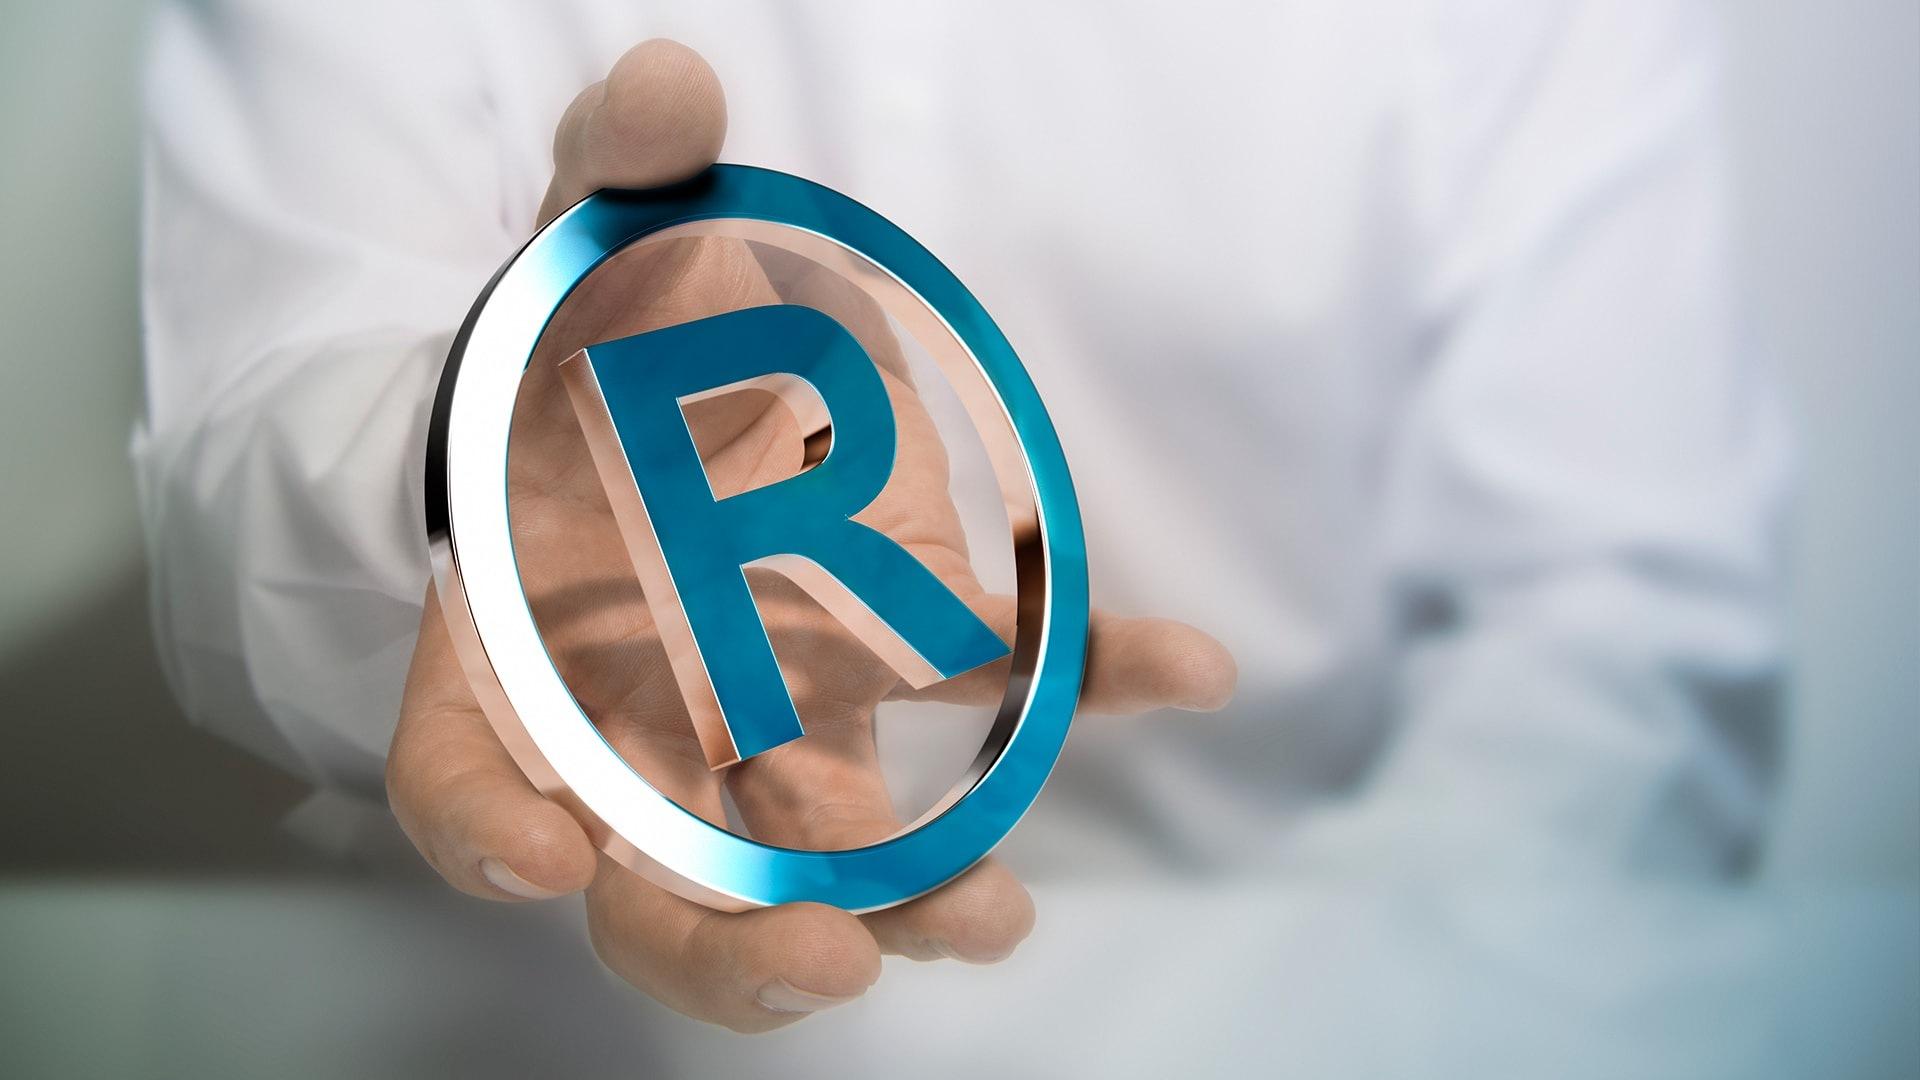 Как правильно зарегистрировать и защитить торговую марку 1